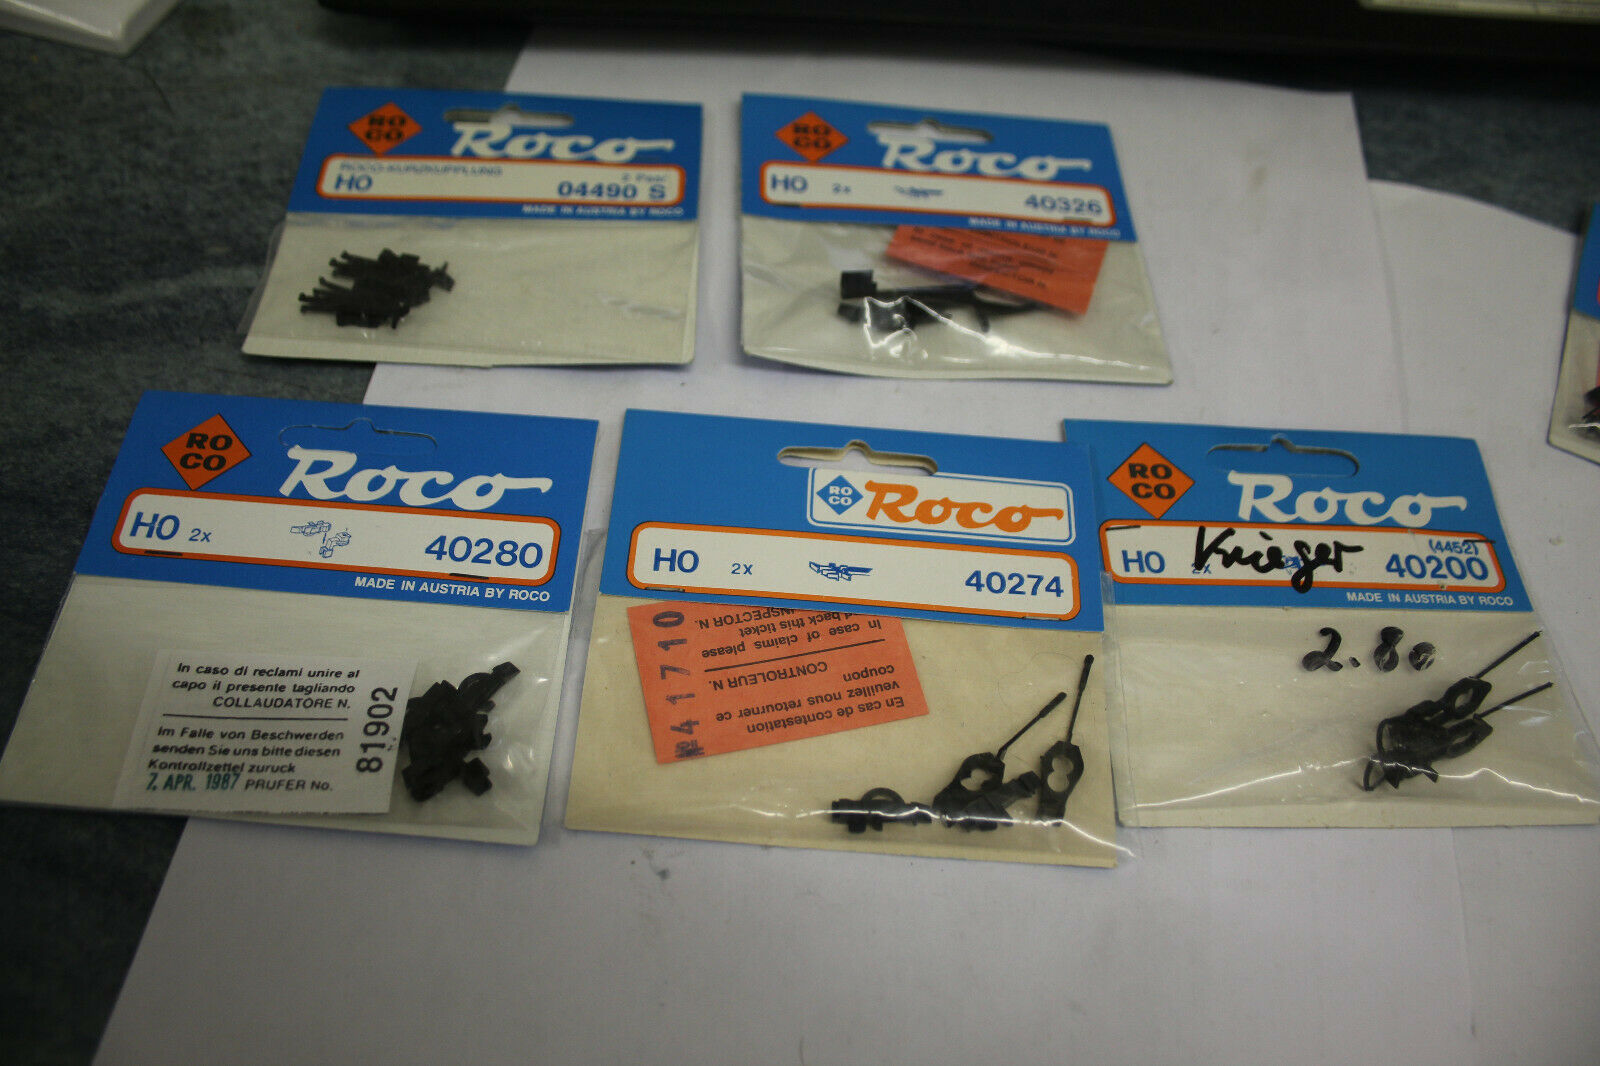 Roco 4453 40201 H0 1 Paar Standard-Kupplung für 4316 OVP NEU NOS